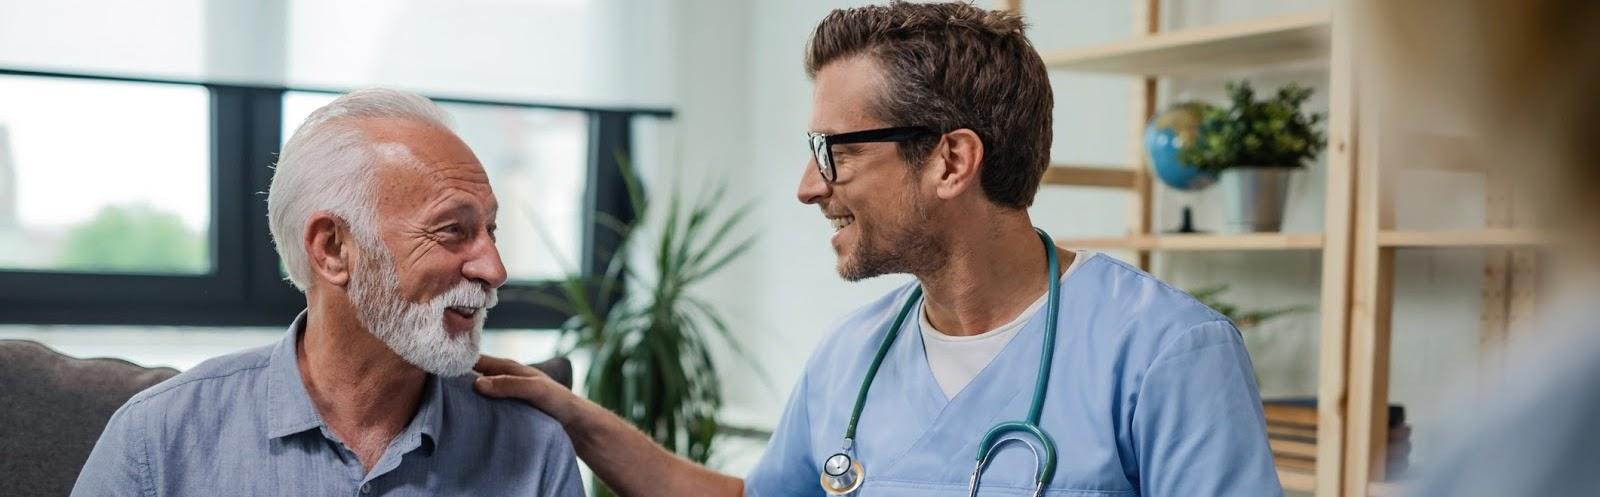 7 ways to increase patient satisfaction